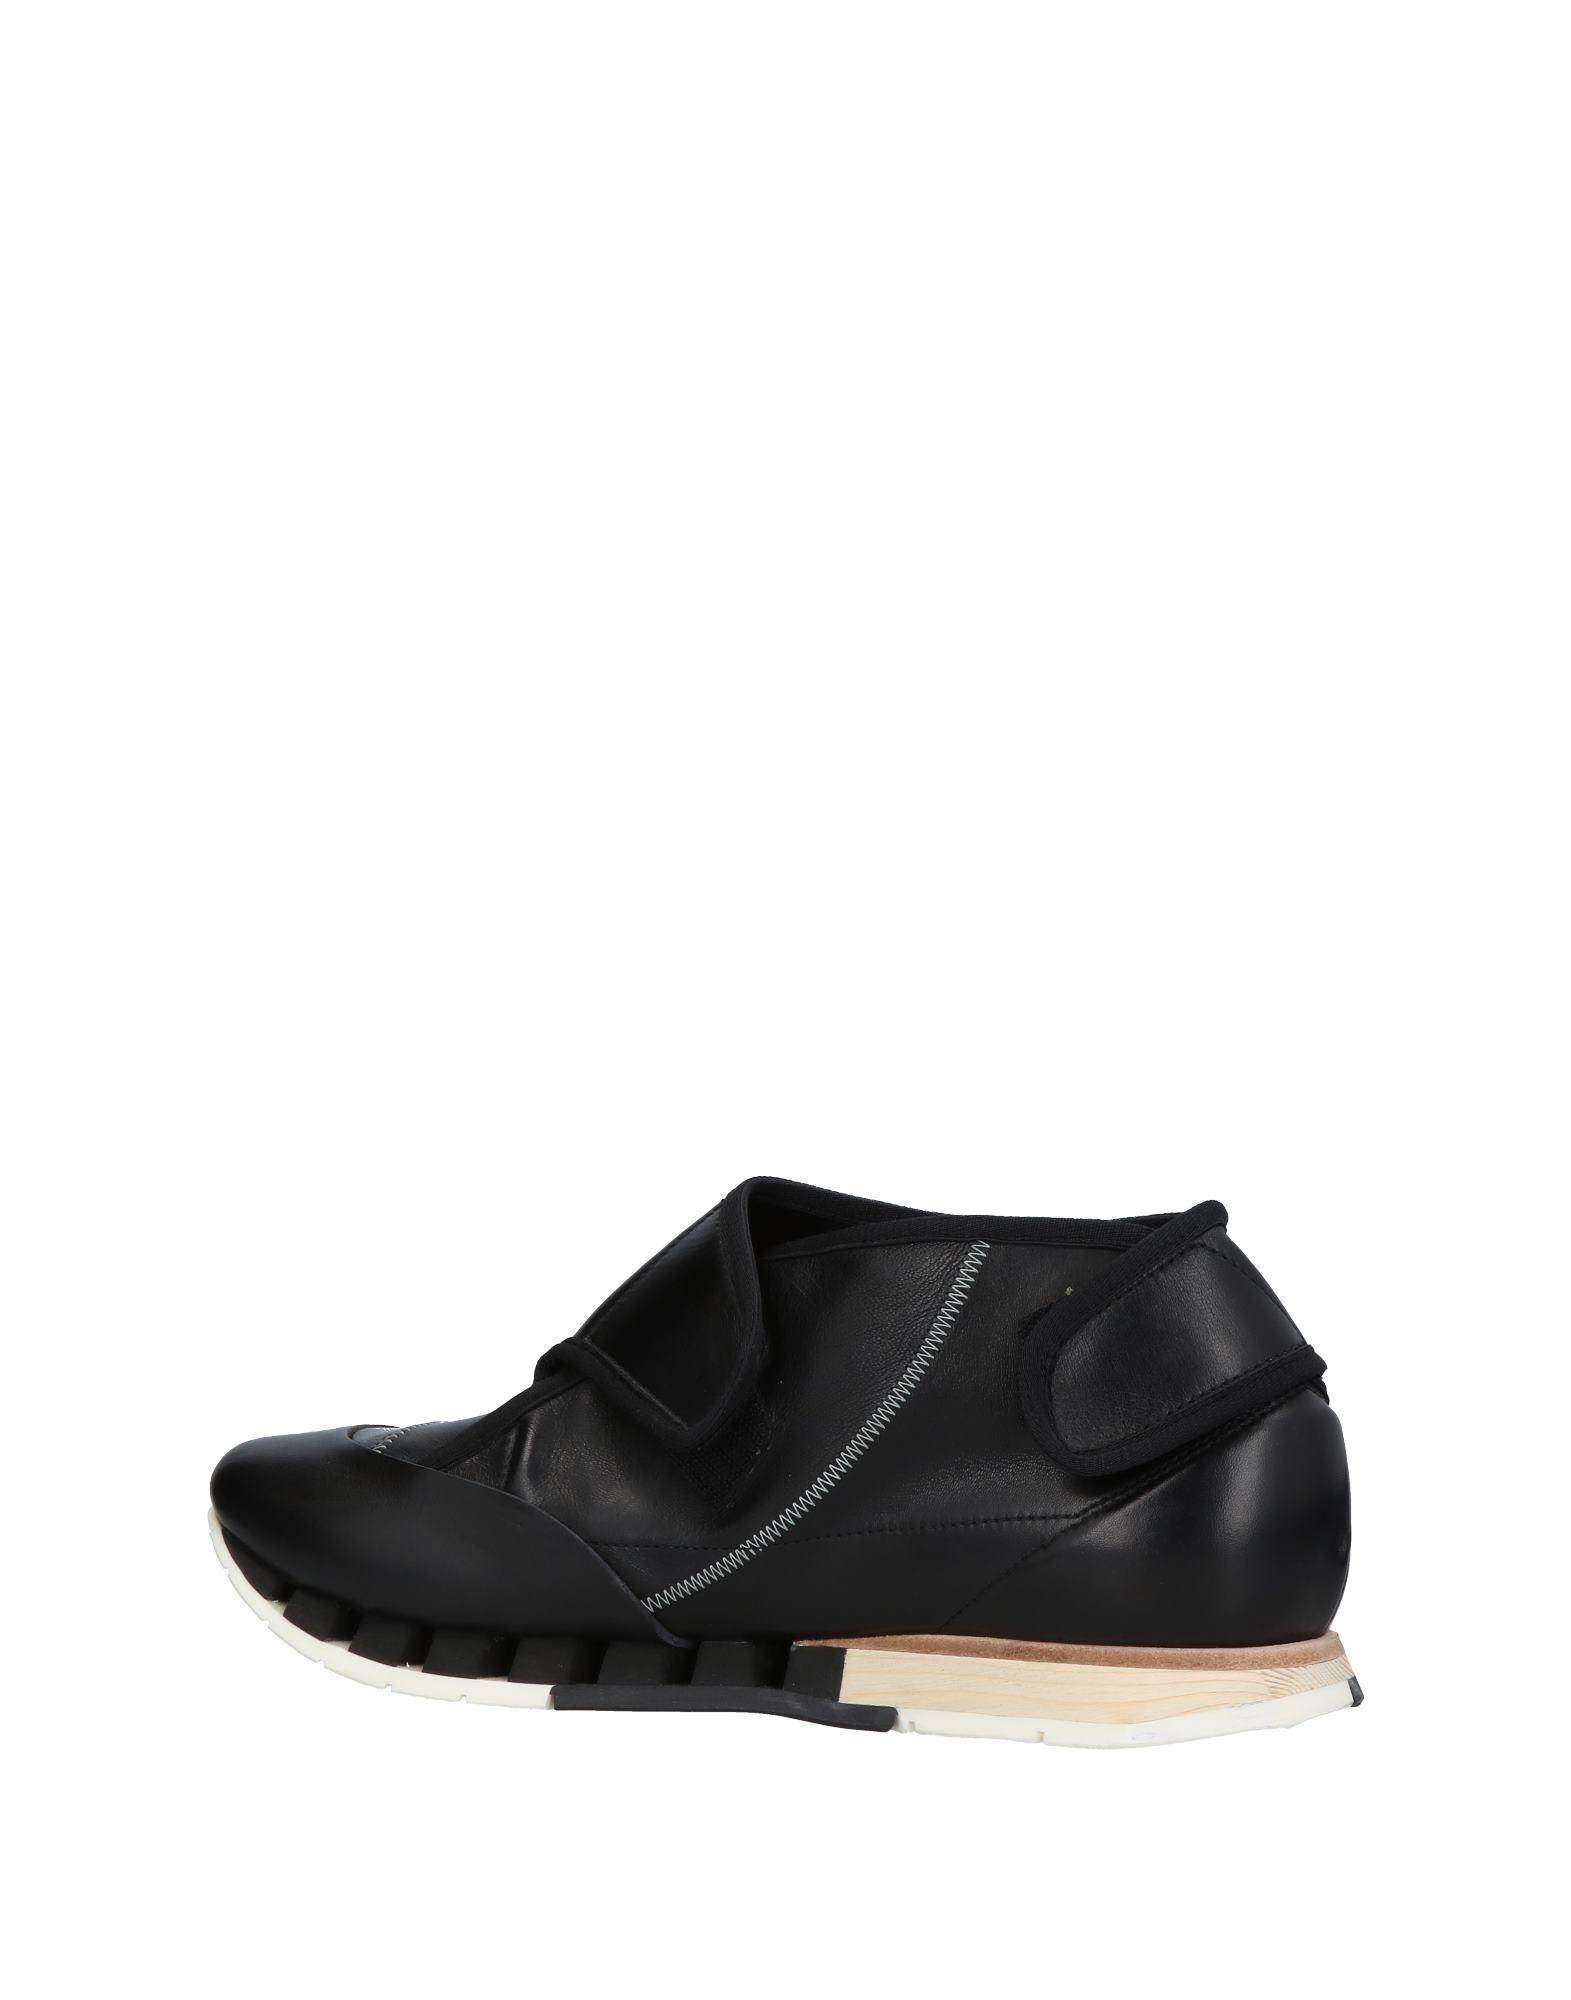 Artselab Sneakers Herren  11377958AL Heiße Heiße Heiße Schuhe d55651